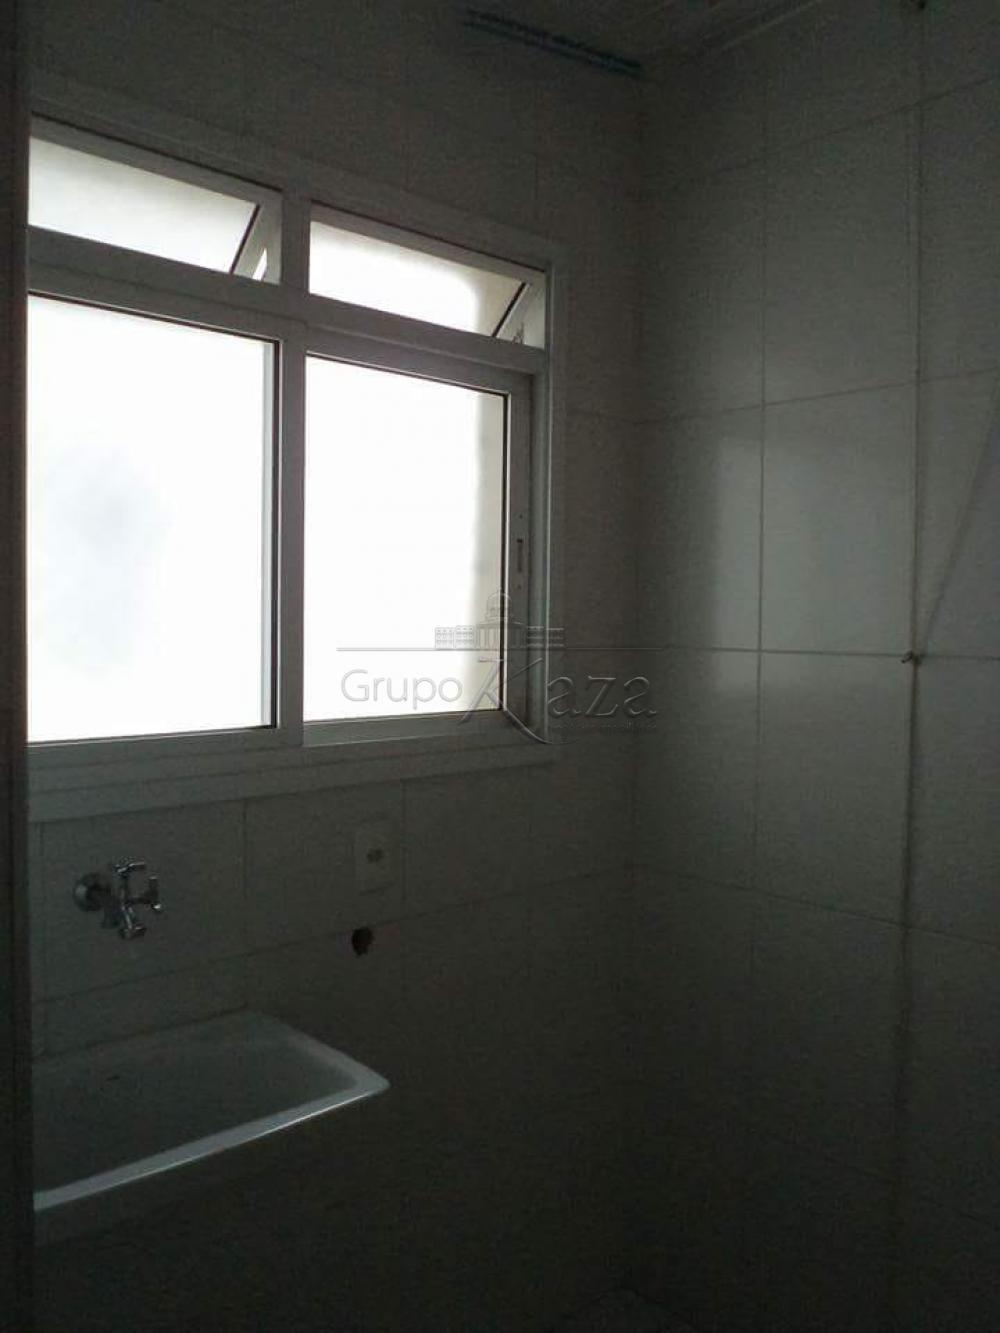 alt='Alugar Apartamento / Padrão em São José dos Campos R$ 1.250,00 - Foto 5' title='Alugar Apartamento / Padrão em São José dos Campos R$ 1.250,00 - Foto 5'